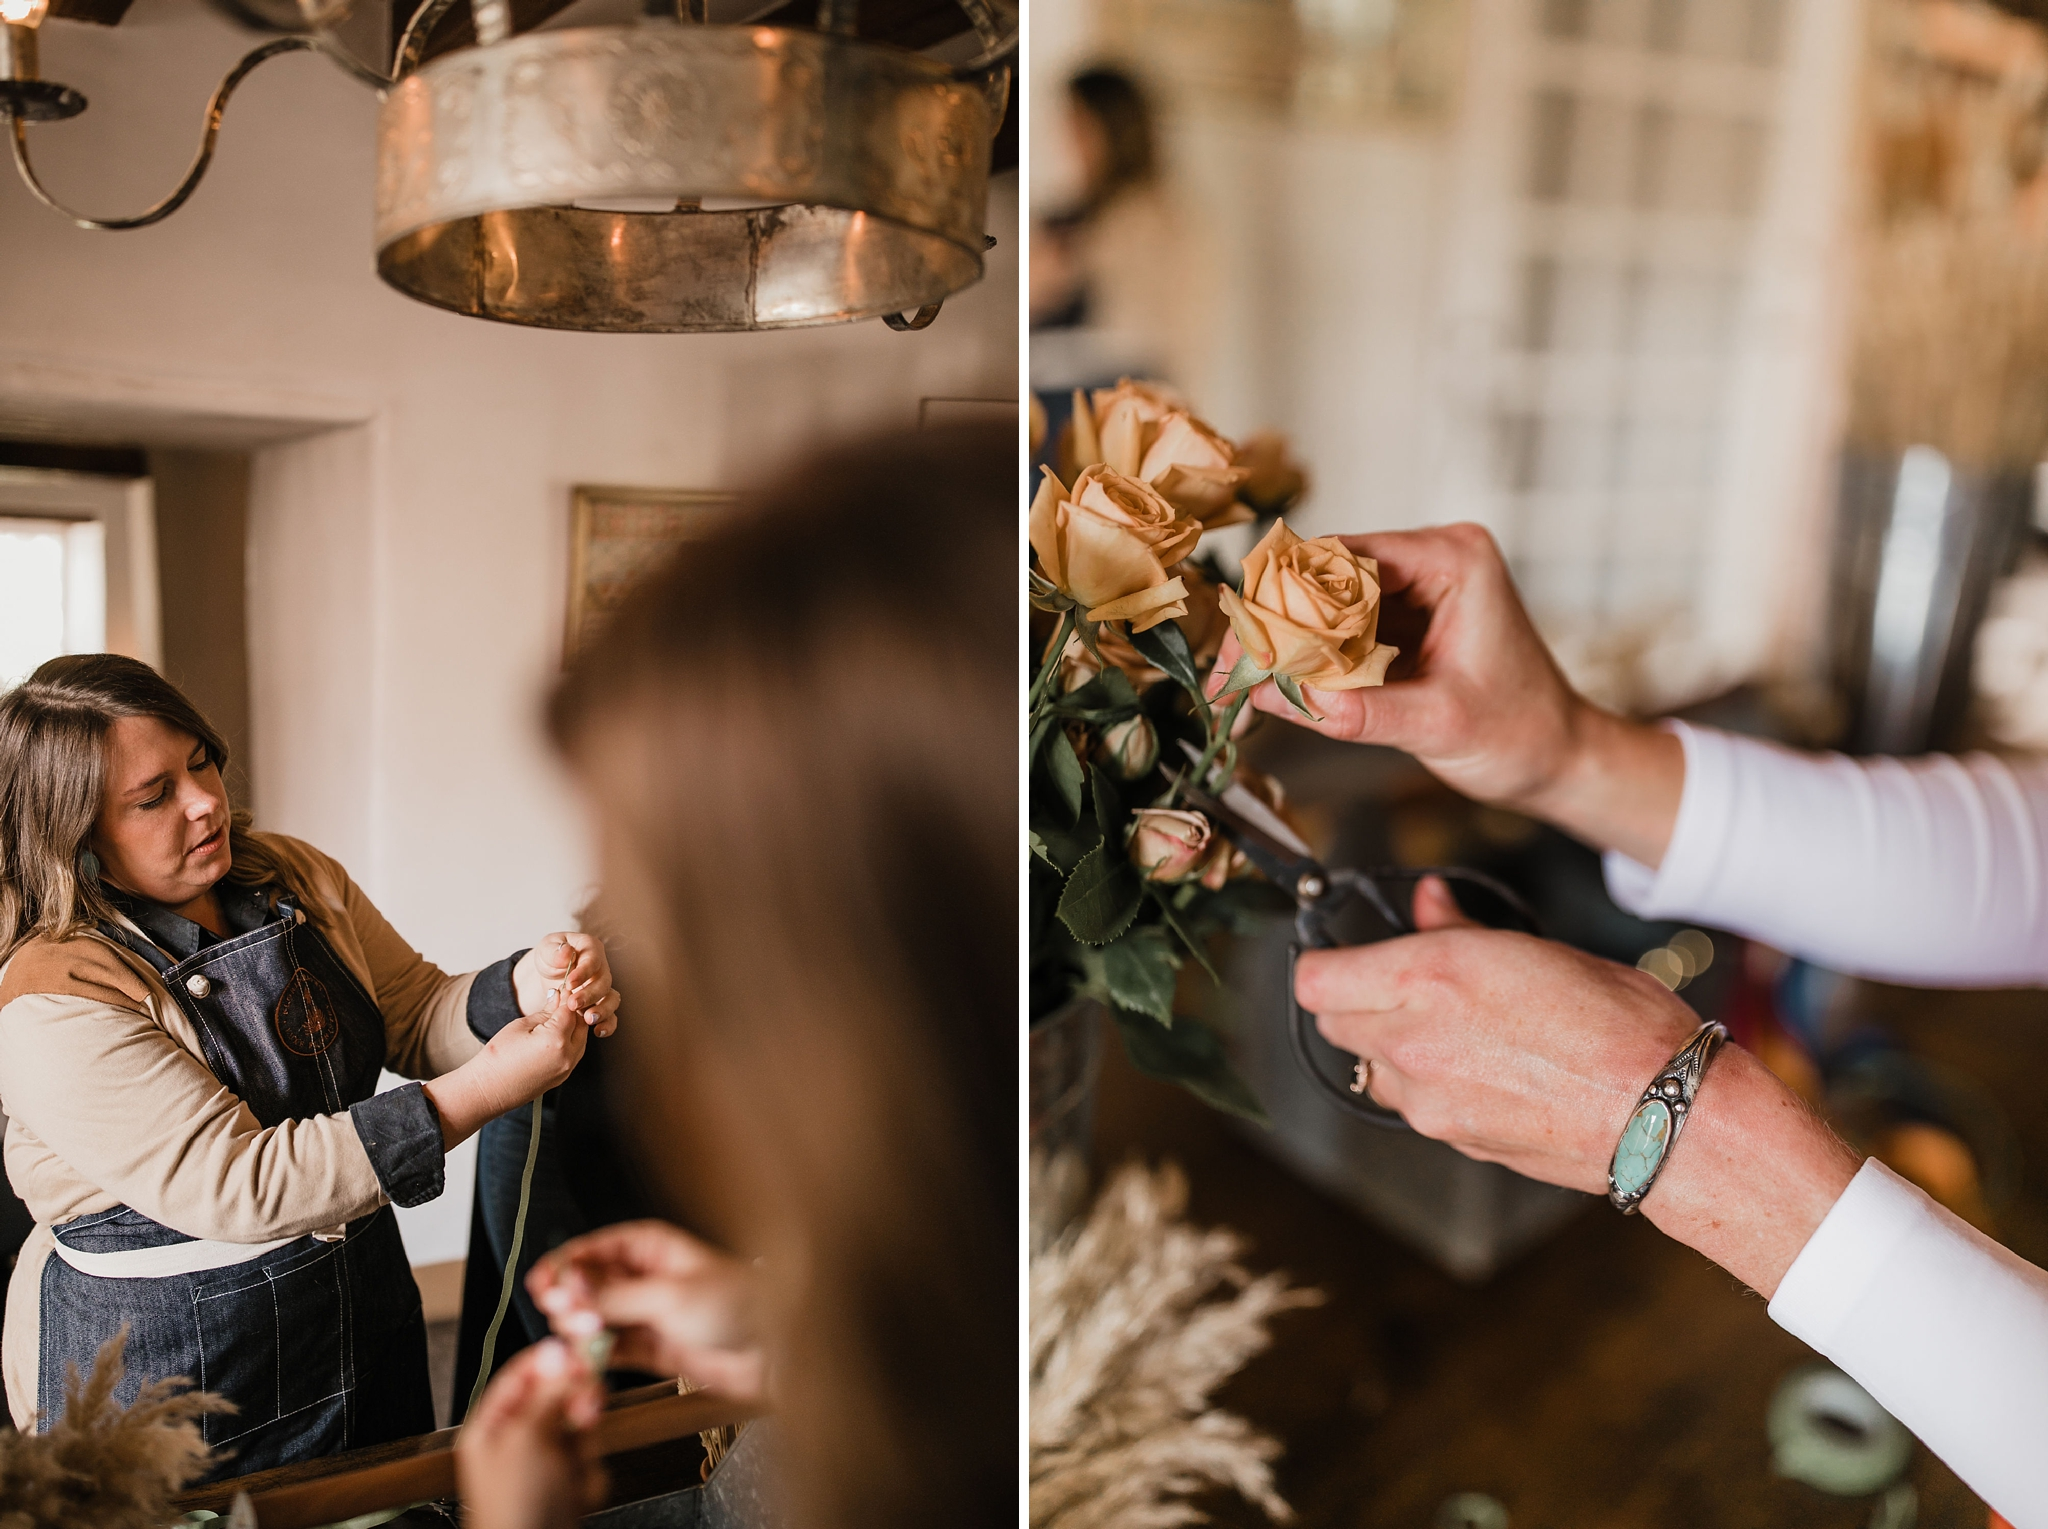 Alicia+lucia+photography+-+albuquerque+wedding+photographer+-+santa+fe+wedding+photography+-+new+mexico+wedding+photographer+-+new+mexico+wedding+-+new+mexico+florist+-+floriography+flowers+-+floriography+flowers+new+mexico+-+wedding+florist_0017.jpg